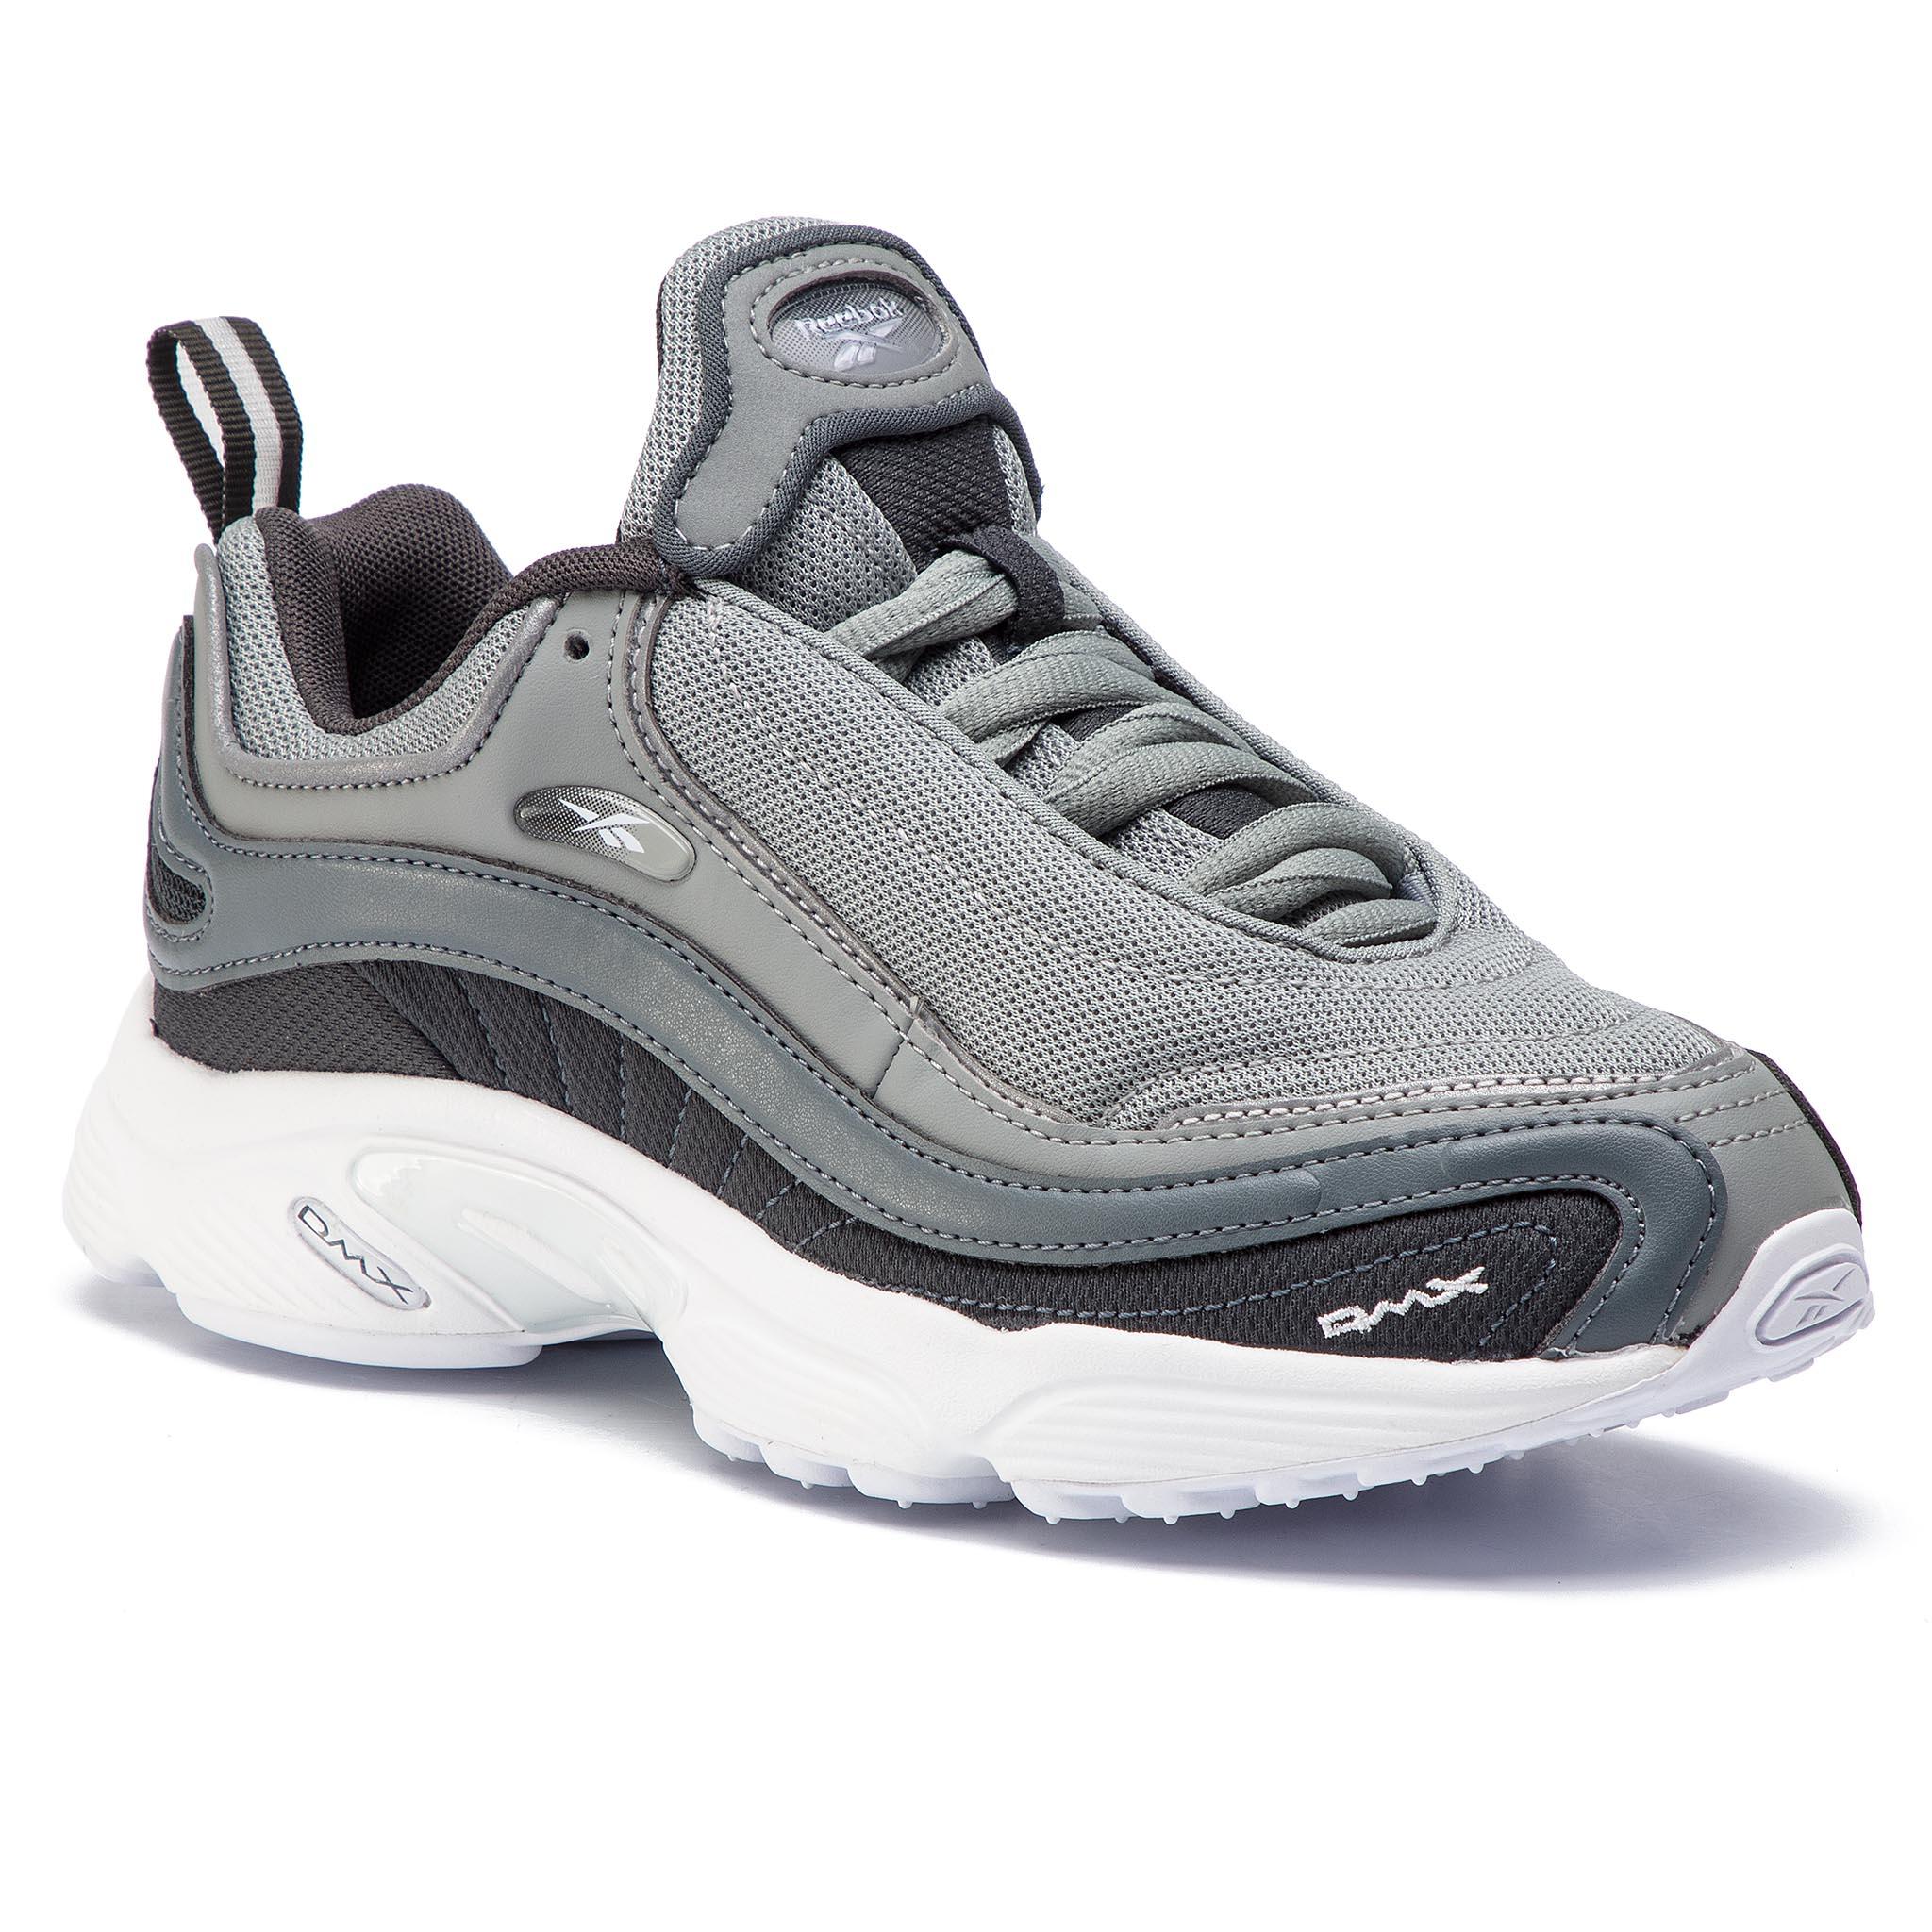 Shoes Reebok Daytona Dmx Mu CN7070 WhiteSkull GreyTrue